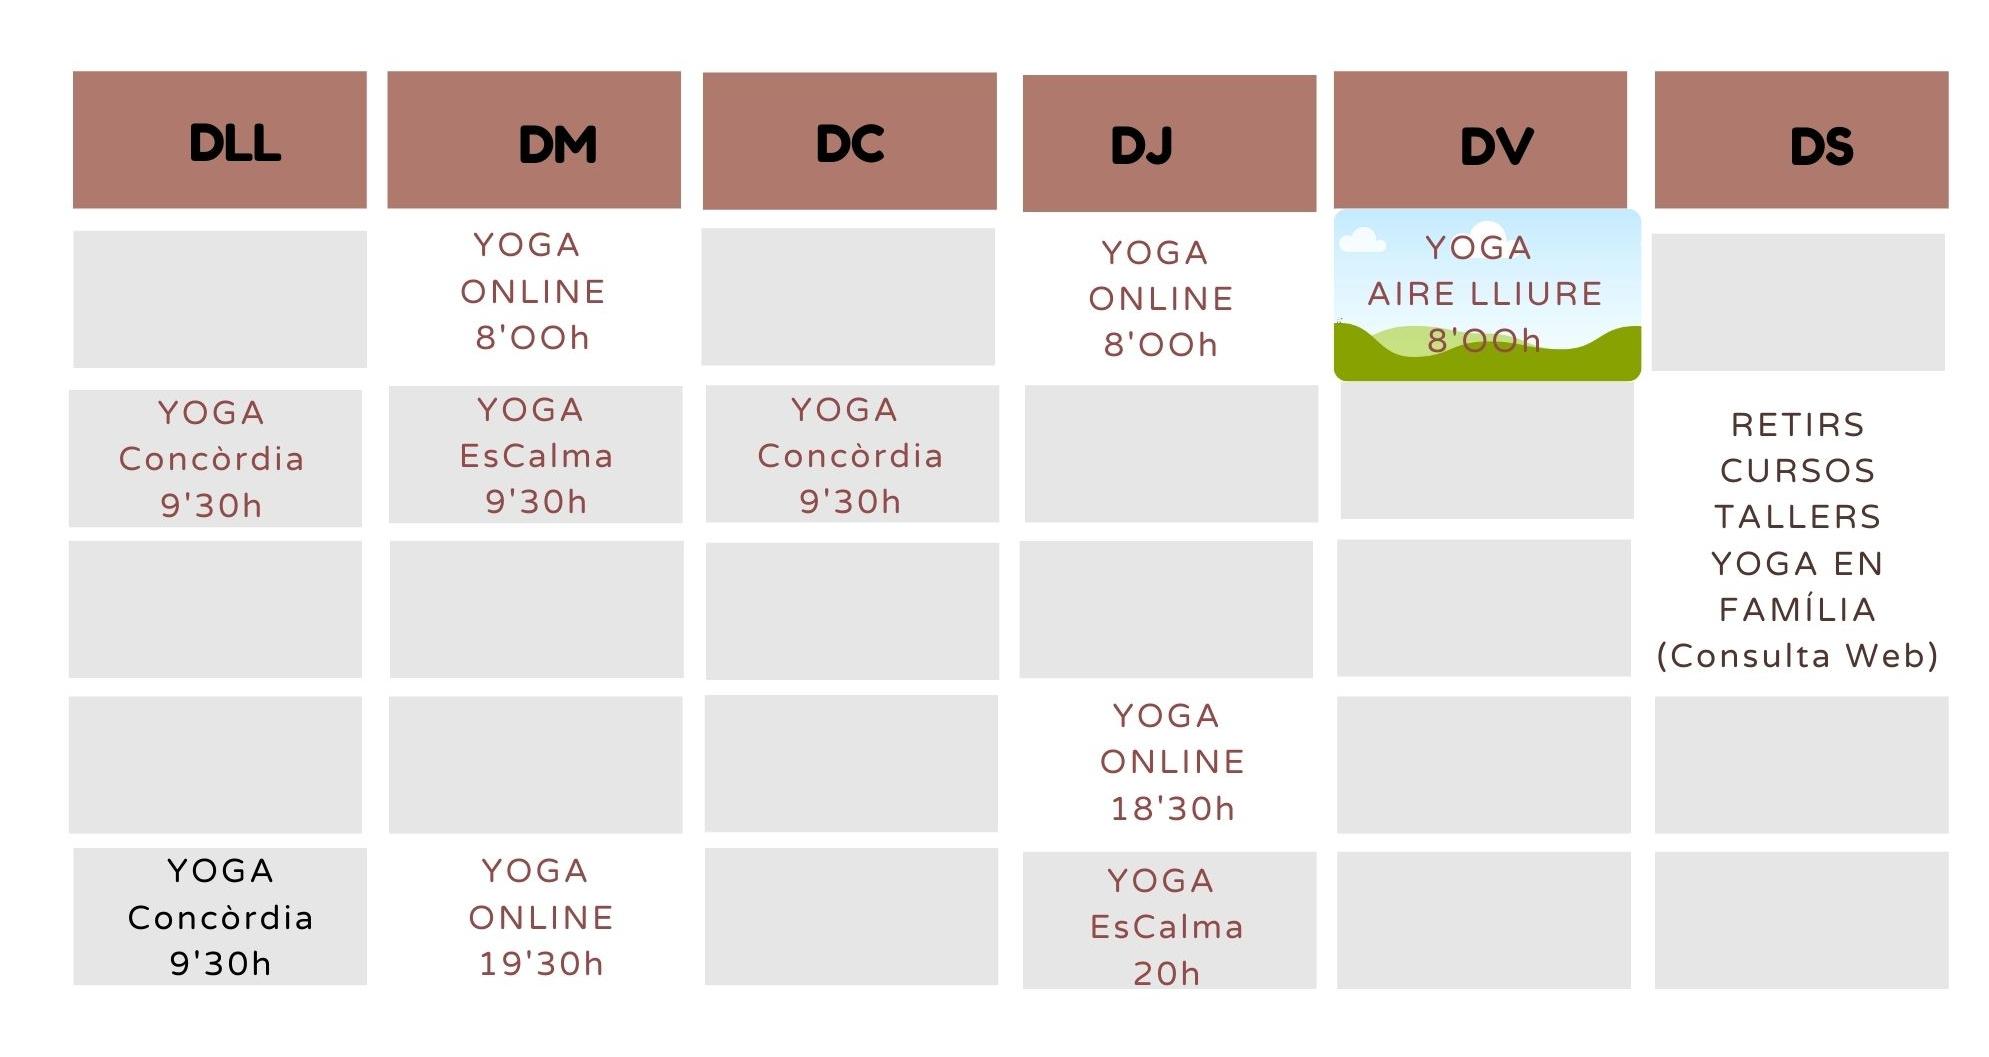 yoga juny2021 online